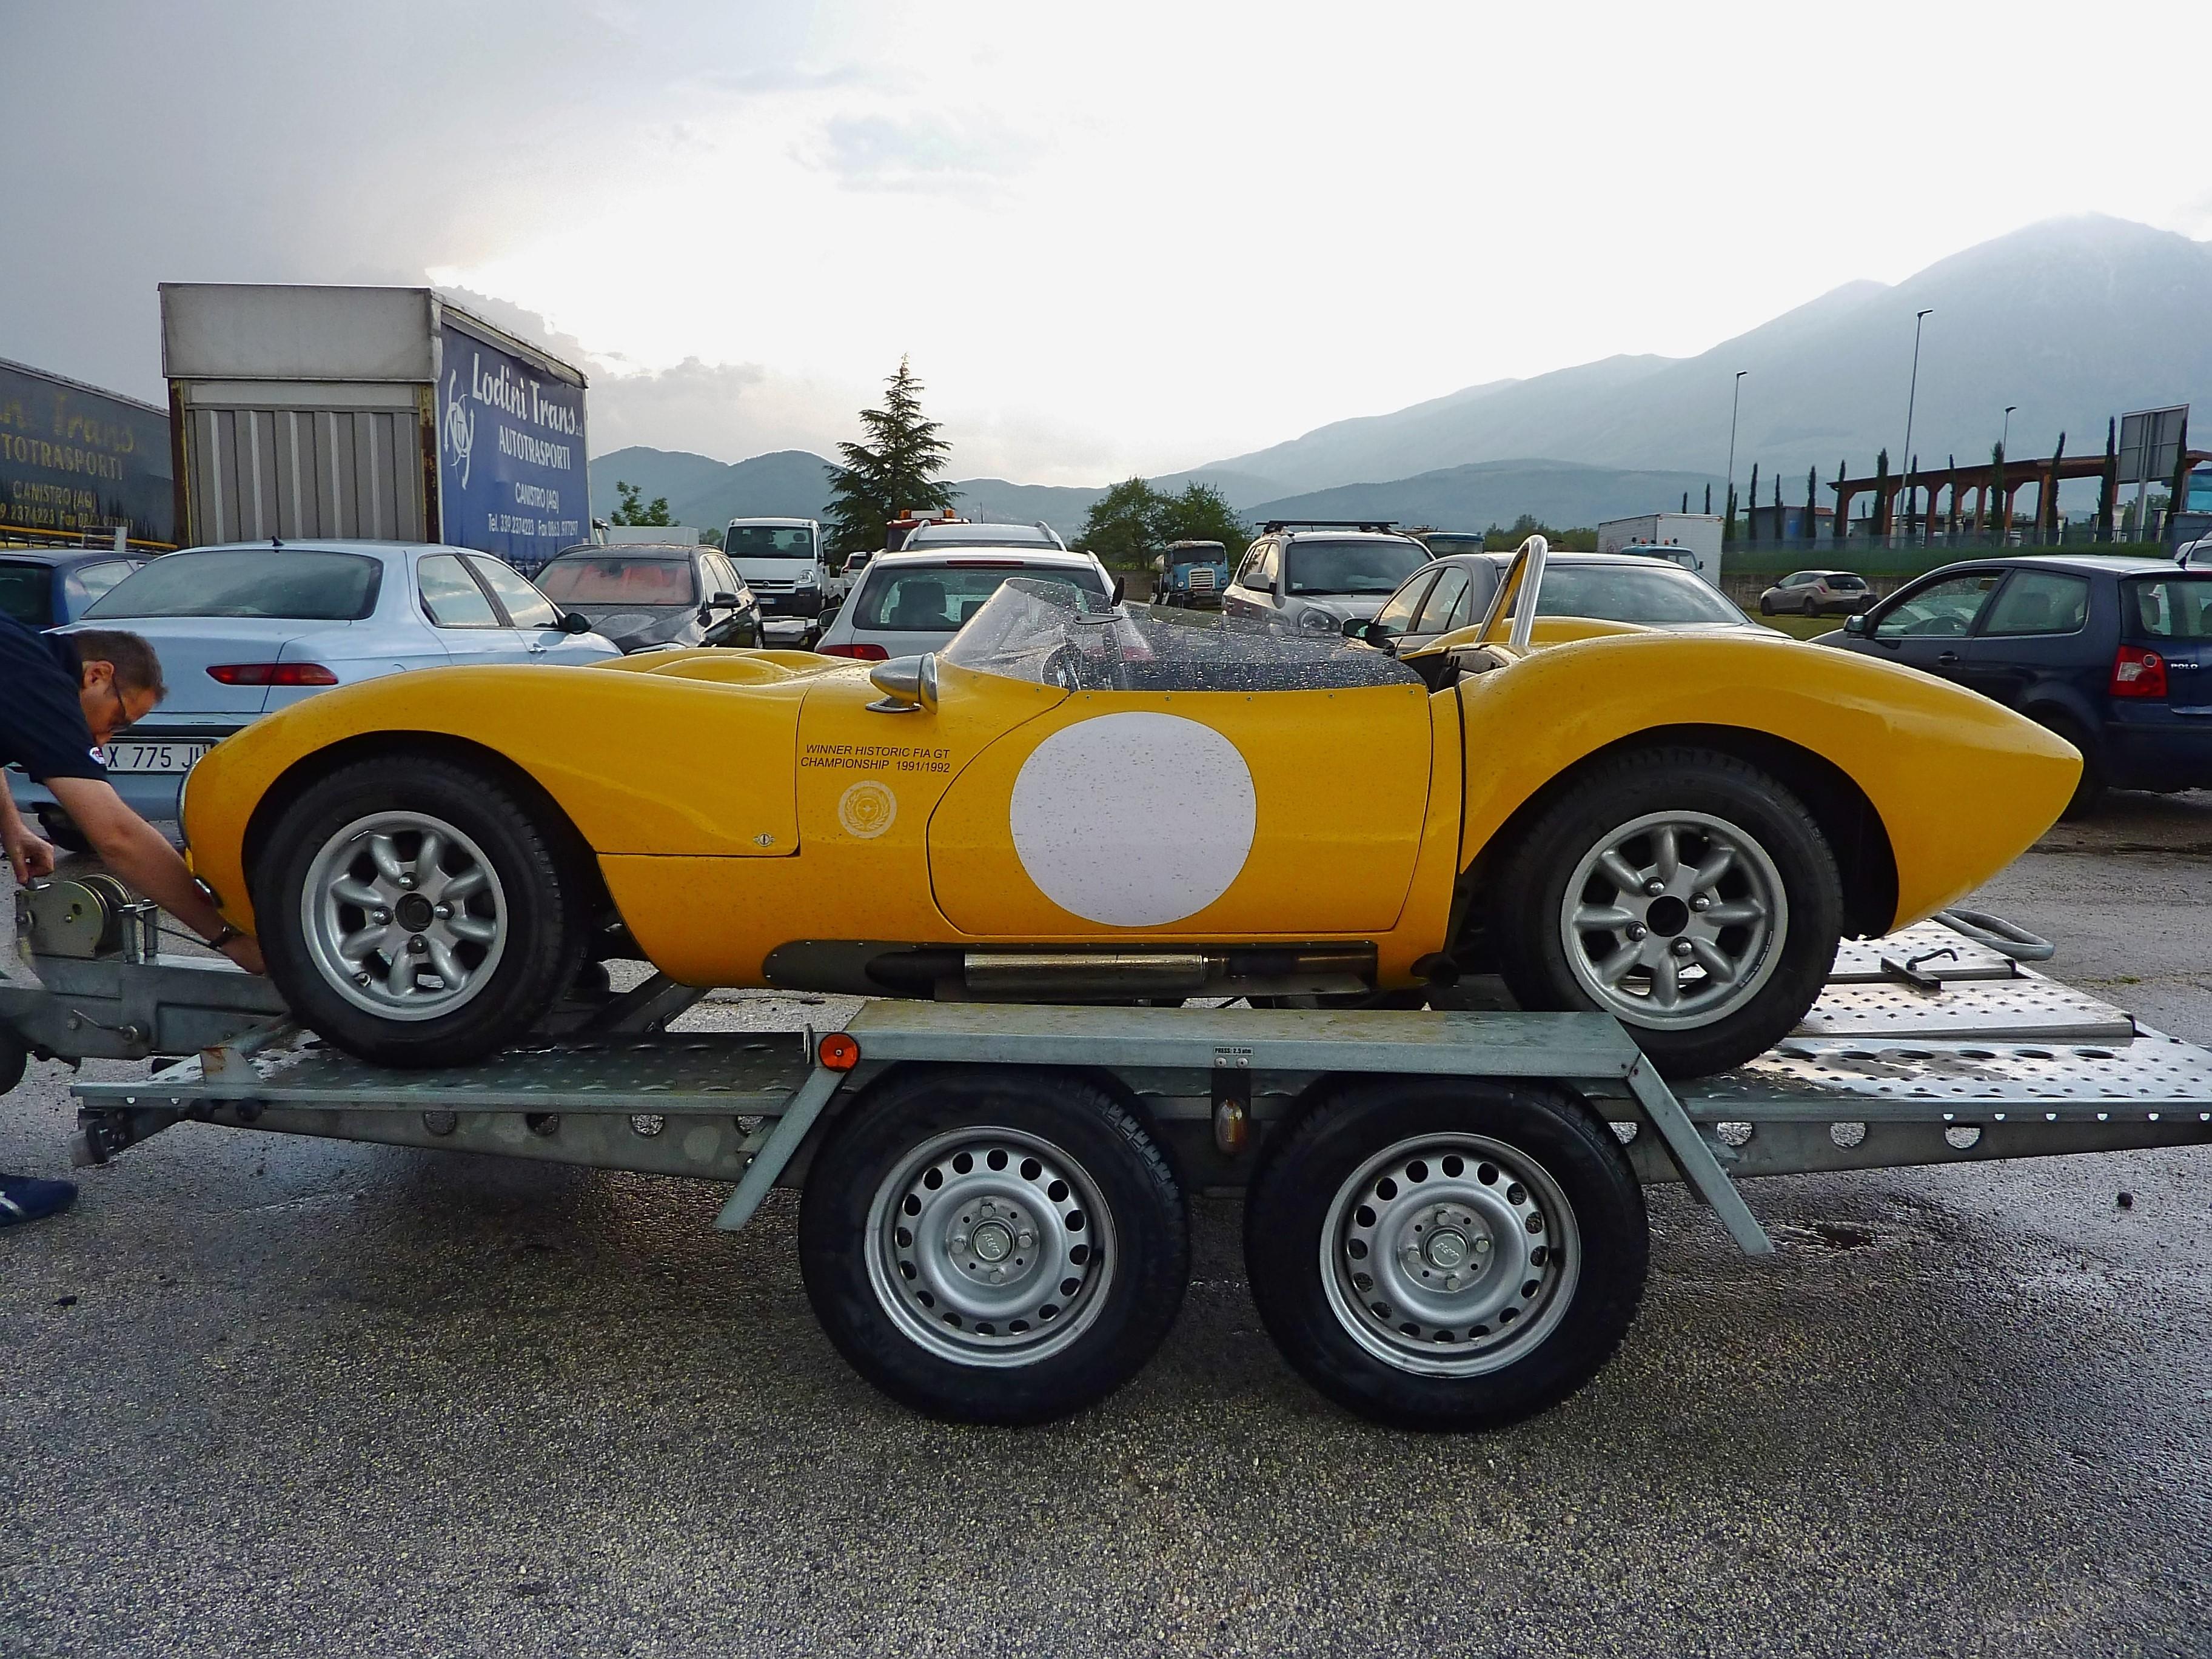 4th Circuito Di Avezzano (1)